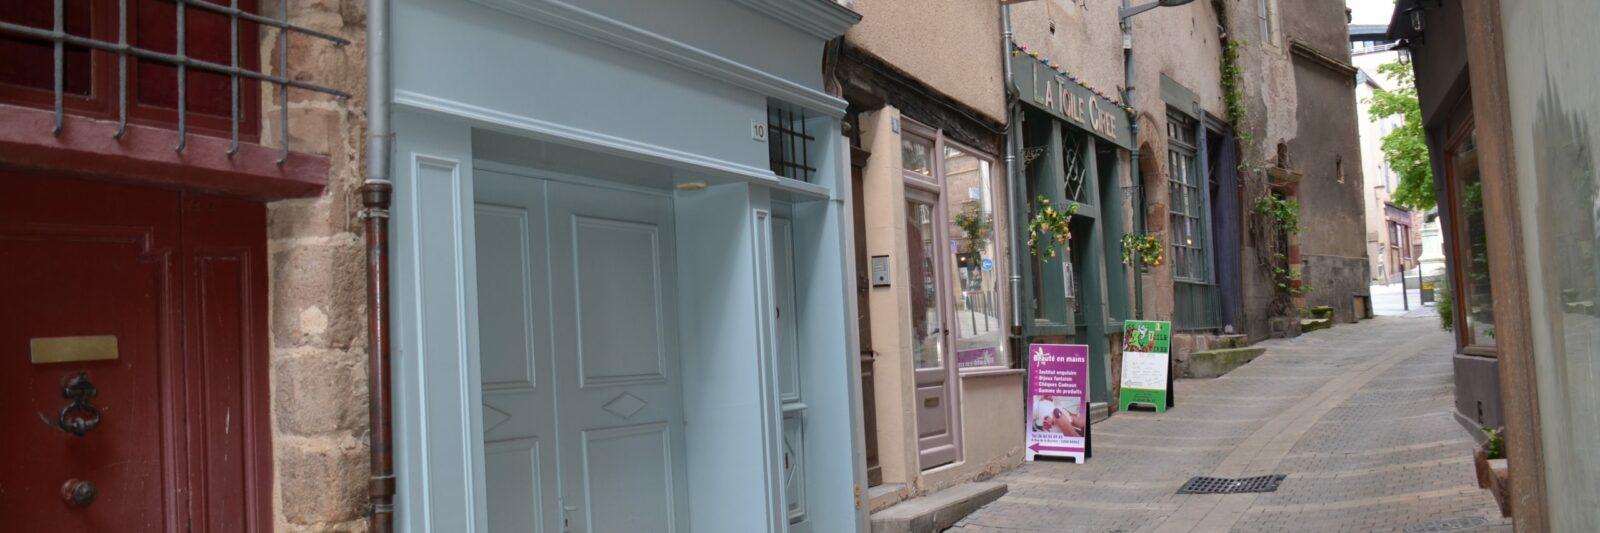 Rue de la barrière, Rodez